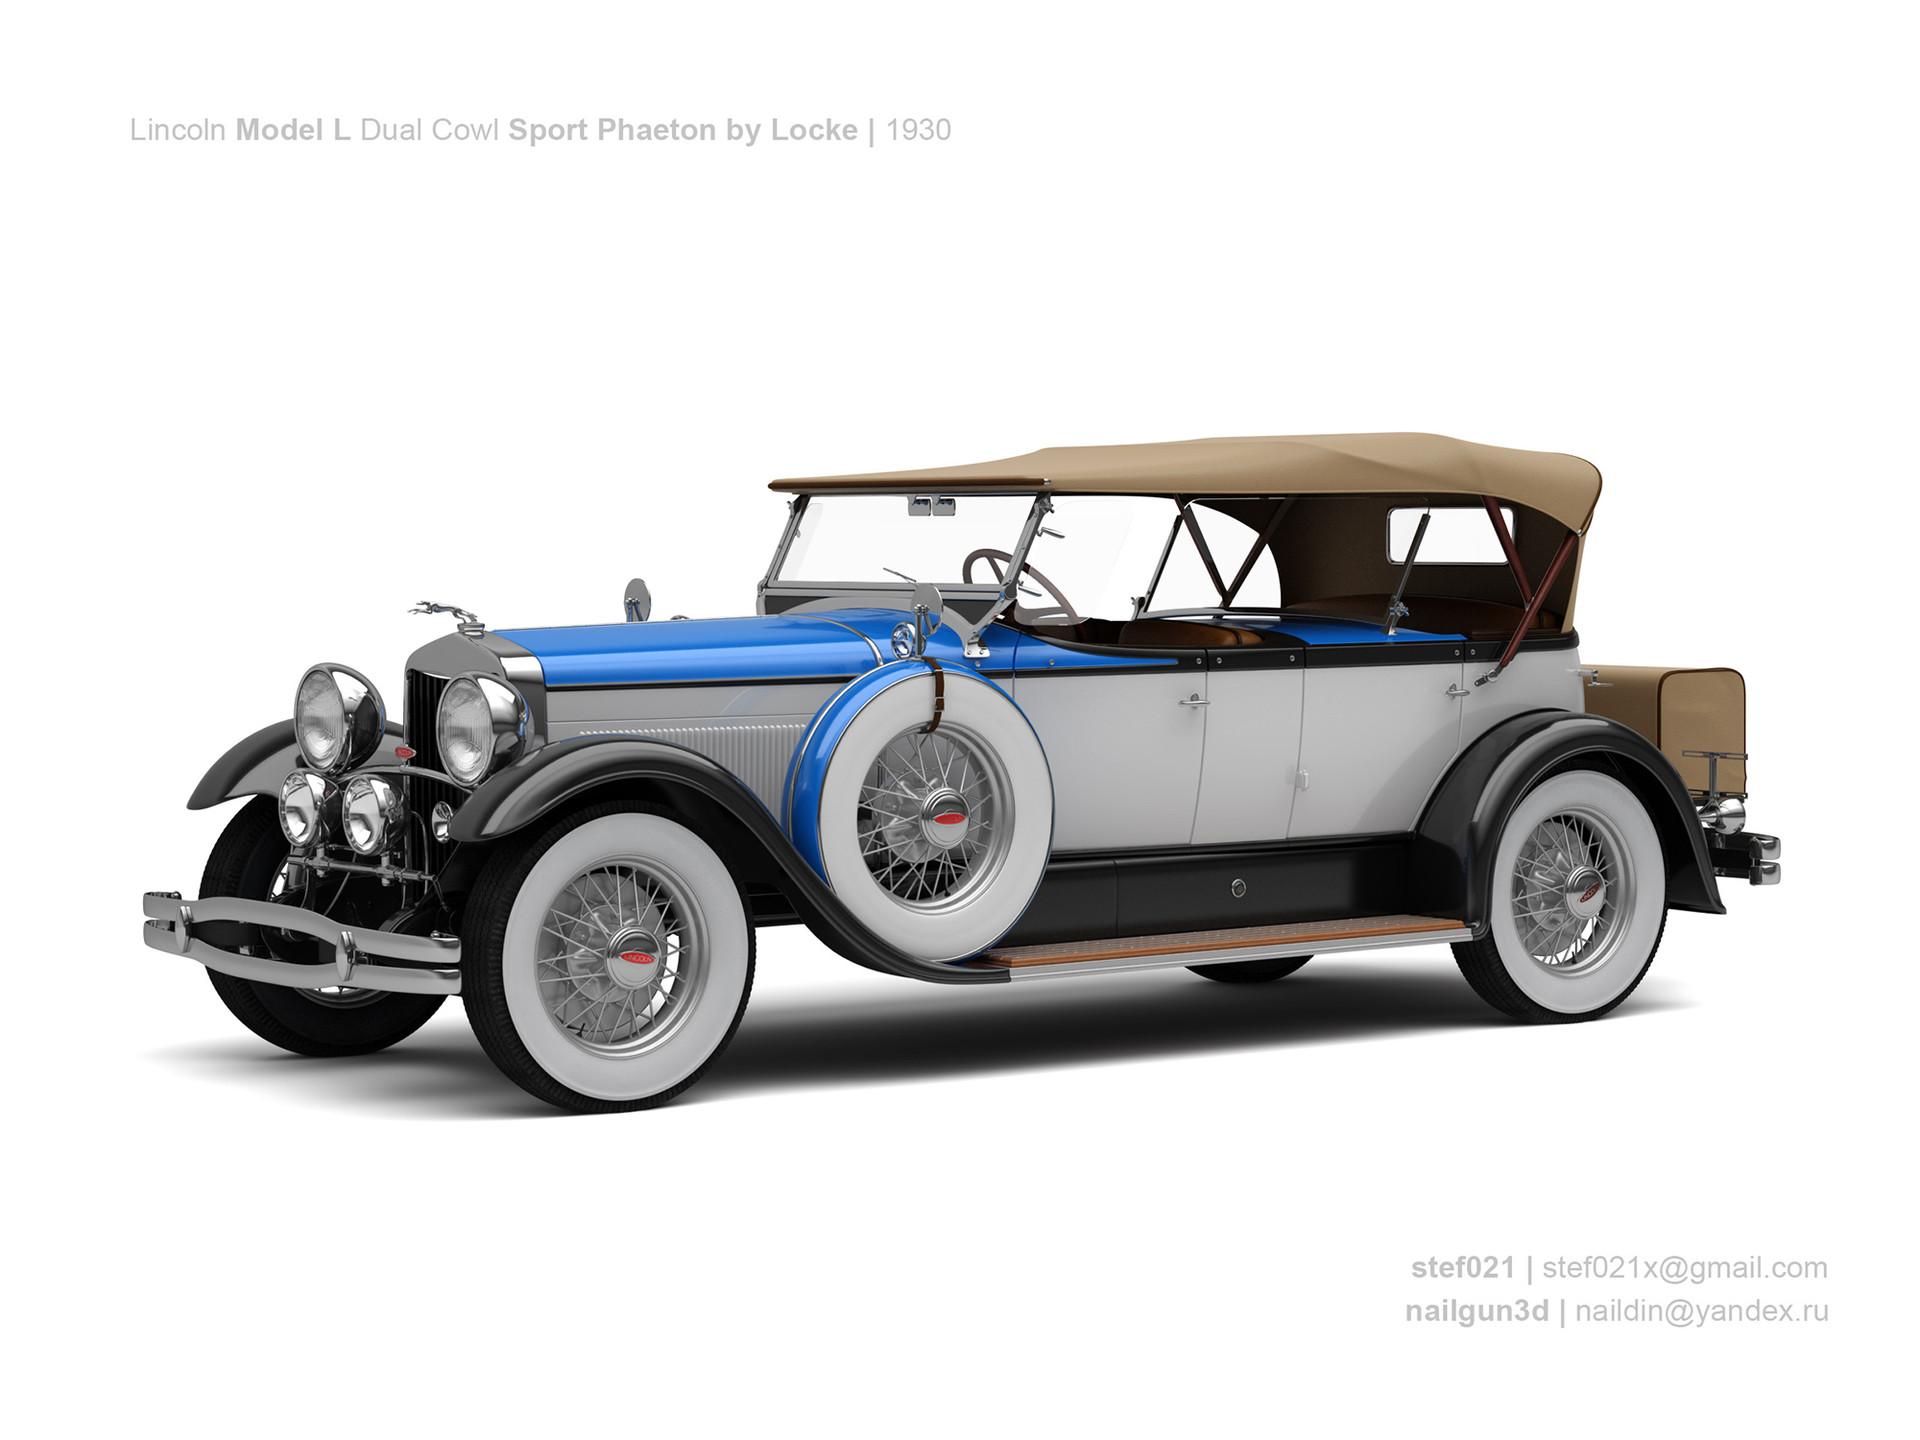 Nail khusnutdinov a0012 000 lincoln model l dual cowl sport phaeton by locke 1930 0